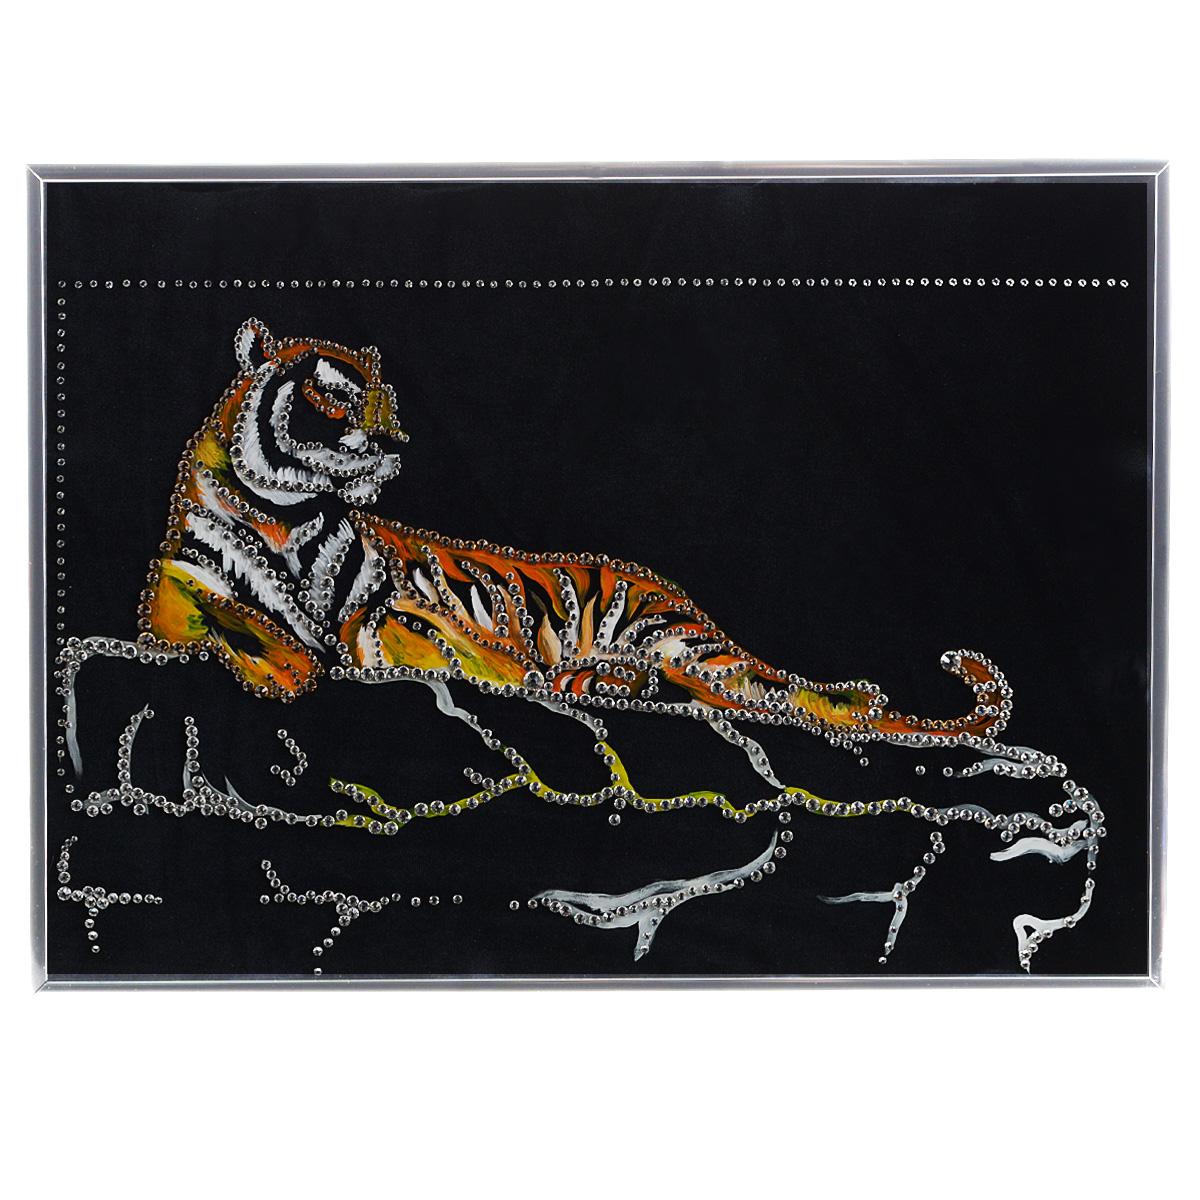 Картина с кристаллами Swarovski Тигр Шерхан, 40 см х 30 см8-986Изящная картина в металлической раме, инкрустирована кристаллами Swarovski, которые отличаются четкой и ровной огранкой, ярким блеском и чистотой цвета. Красочное изображение тигра, расположенное на внутренней стороне стекла, прекрасно дополняет блеск кристаллов. Под стеклом картина оформлены бархатистой тканью черного цвета. С обратной стороны имеется металлическая петелька для размещения картины на стене.Картина с кристаллами Swarovski Тигр Шерхан элегантно украсит интерьер дома или офиса, а также станет прекрасным подарком, который обязательно понравится получателю. Блеск кристаллов в интерьере, что может быть сказочнее и удивительнее. Картина упакована в подарочную картонную коробку синего цвета и комплектуется сертификатом соответствия Swarovski.